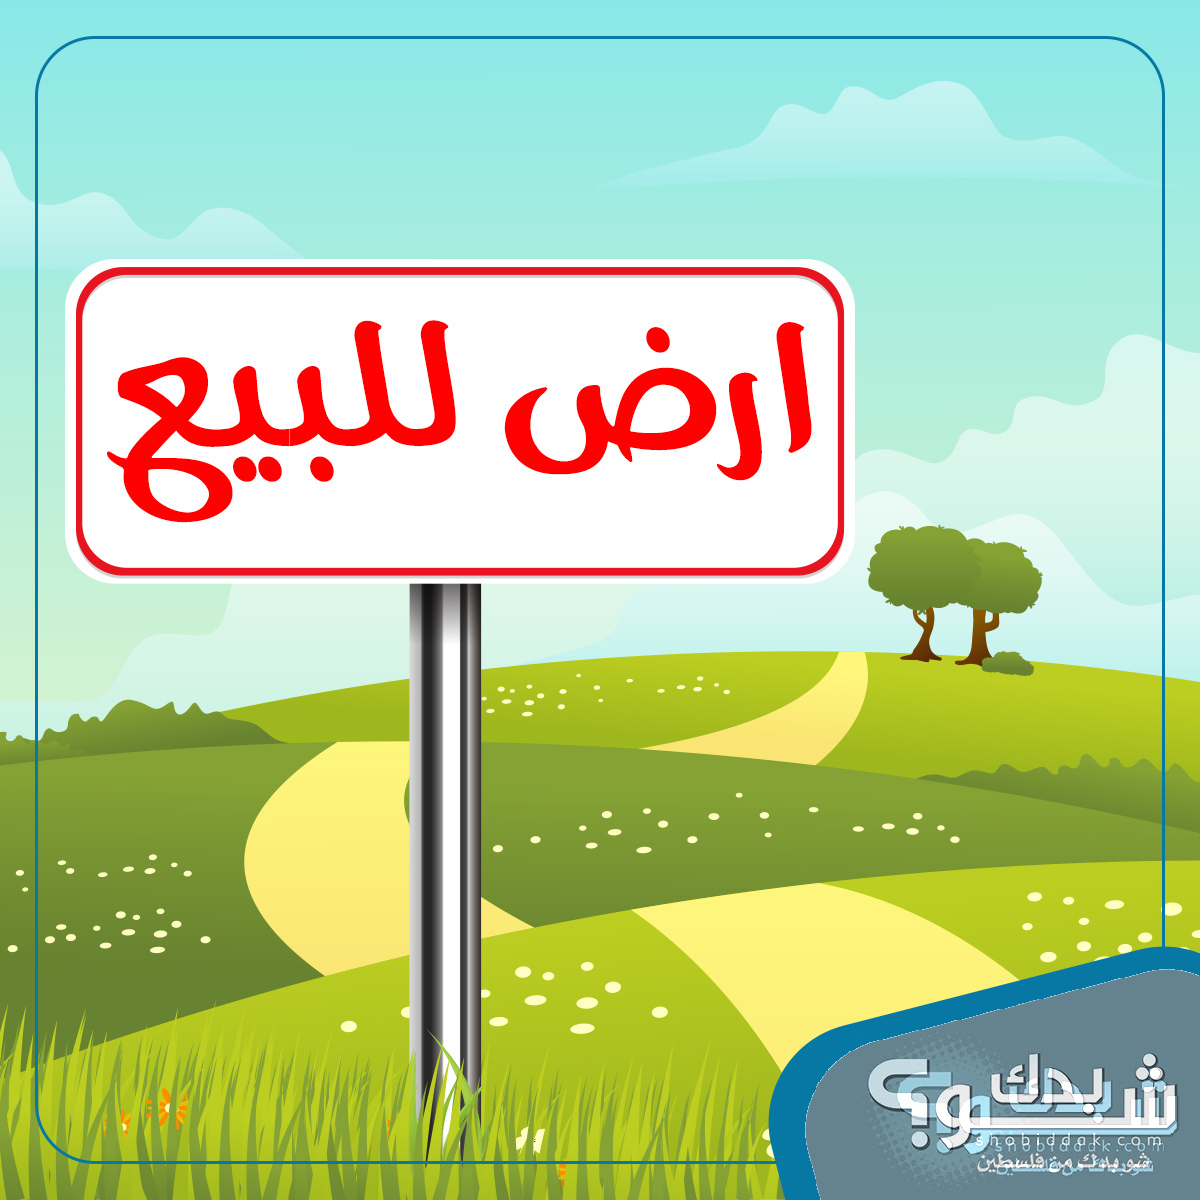 ارض 24 دونم صالحة للبناء - شارع رئيسي وفرعي - منطقة ب